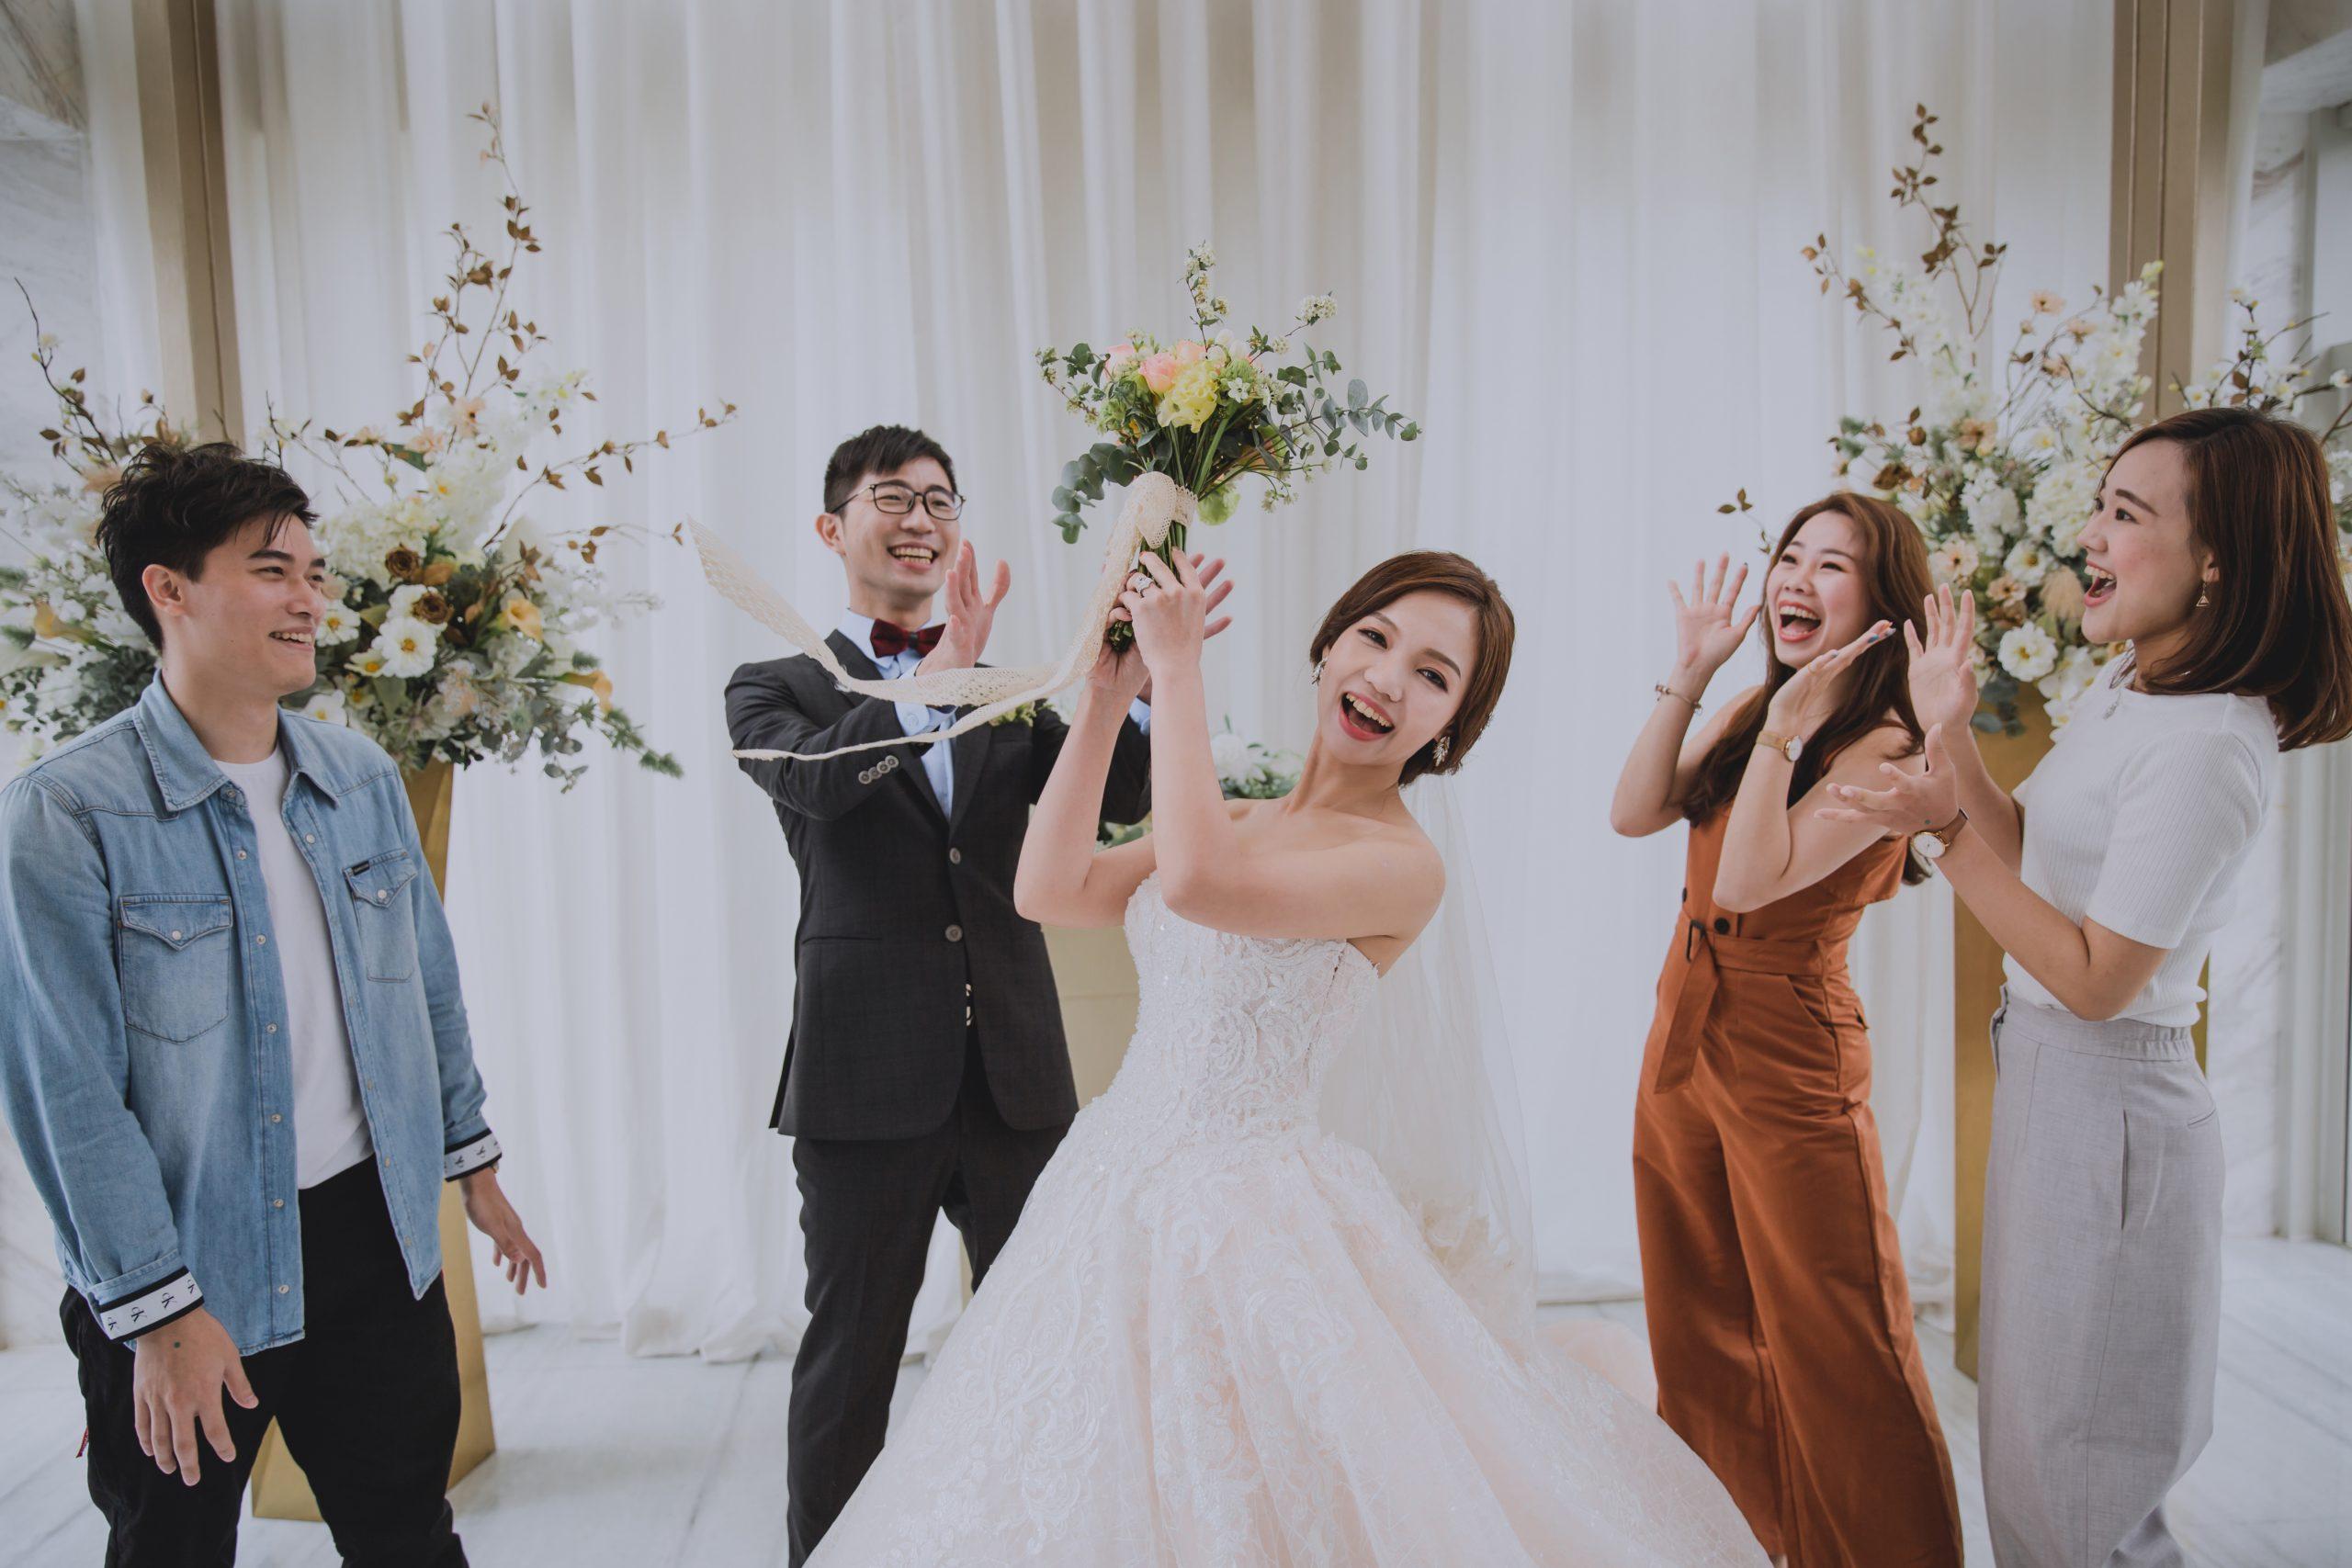 全球旅拍,台中婚禮紀錄,台北婚禮紀錄,萊特薇庭,婚禮攝影婚禮紀錄,文定儀式,結婚儀式,台中婚紗,郭賀影像